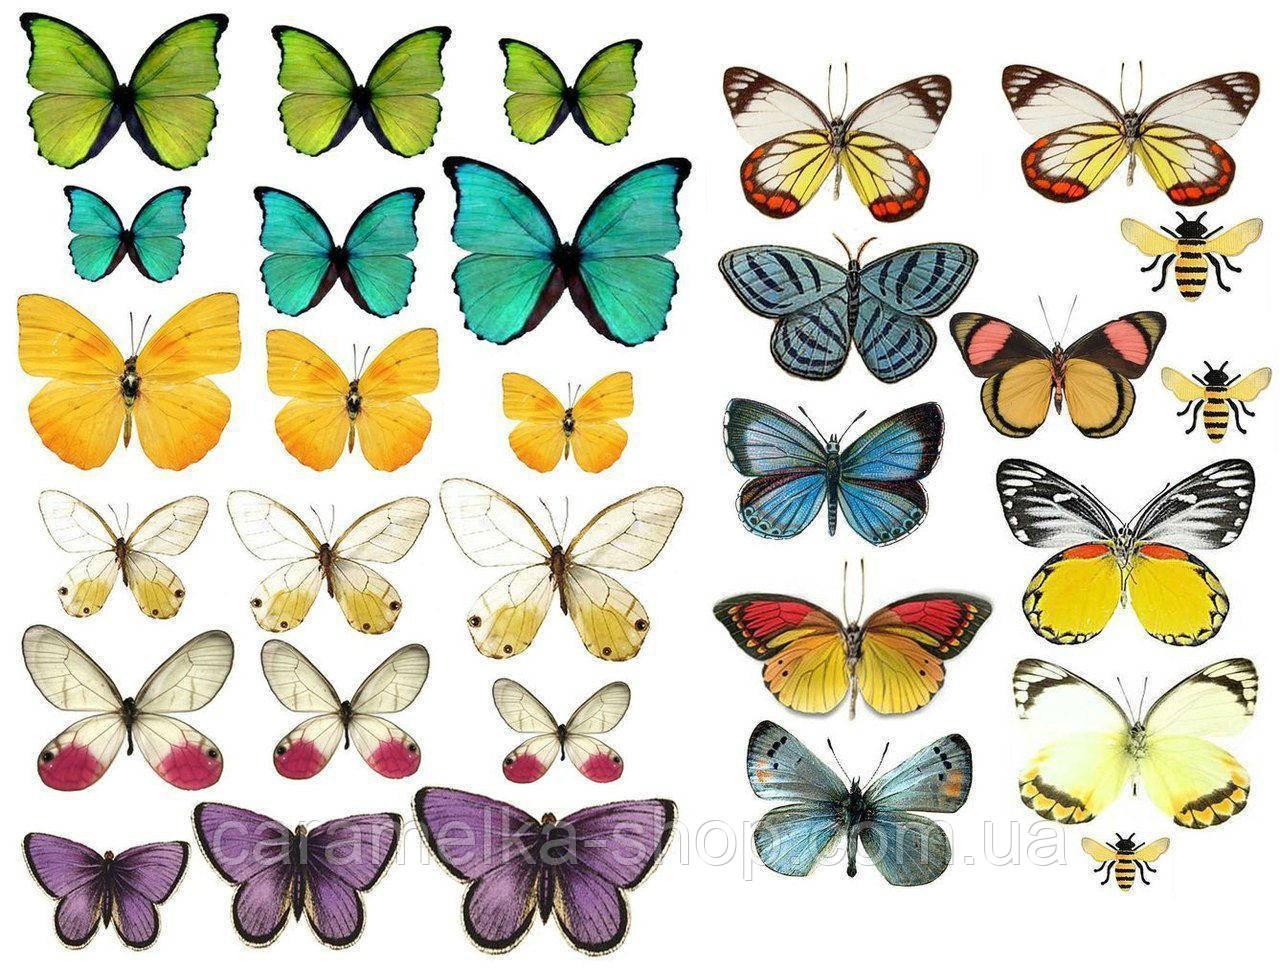 Сахарная картинка бабочки, для торта